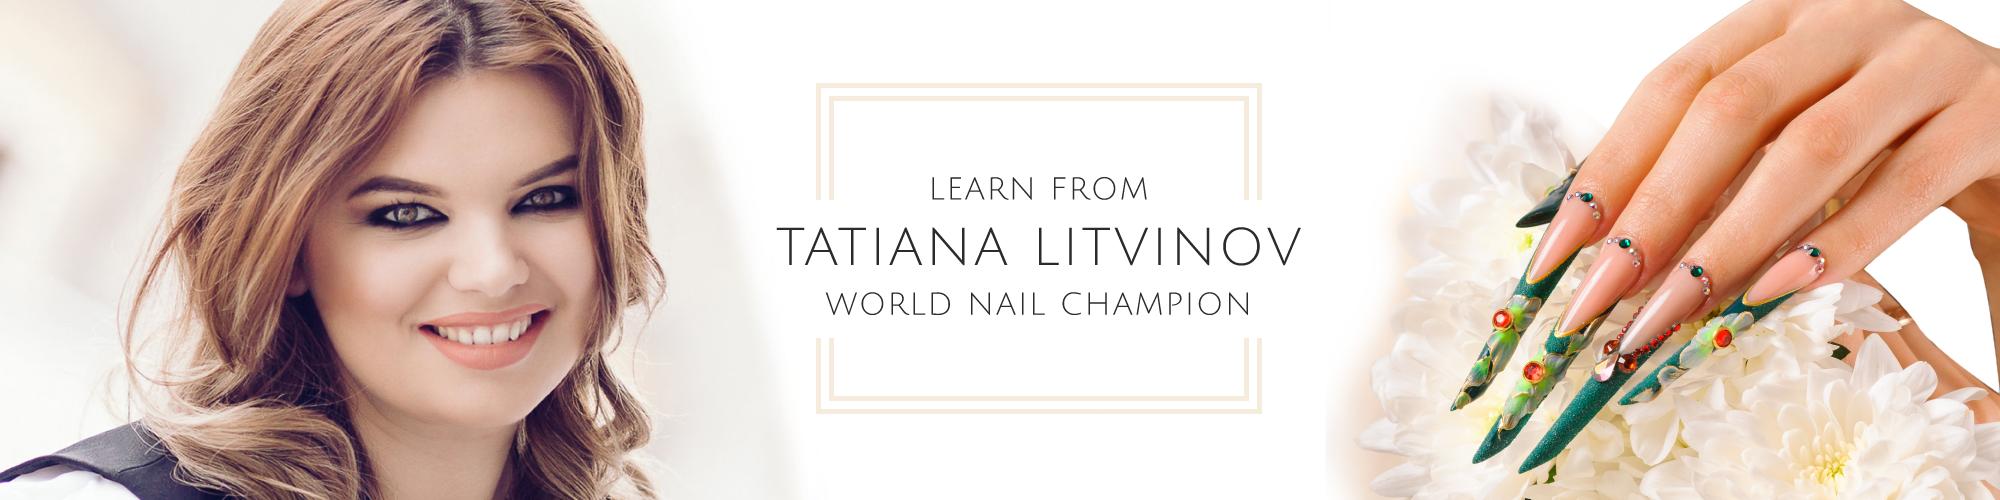 tatiana-web-banner-1